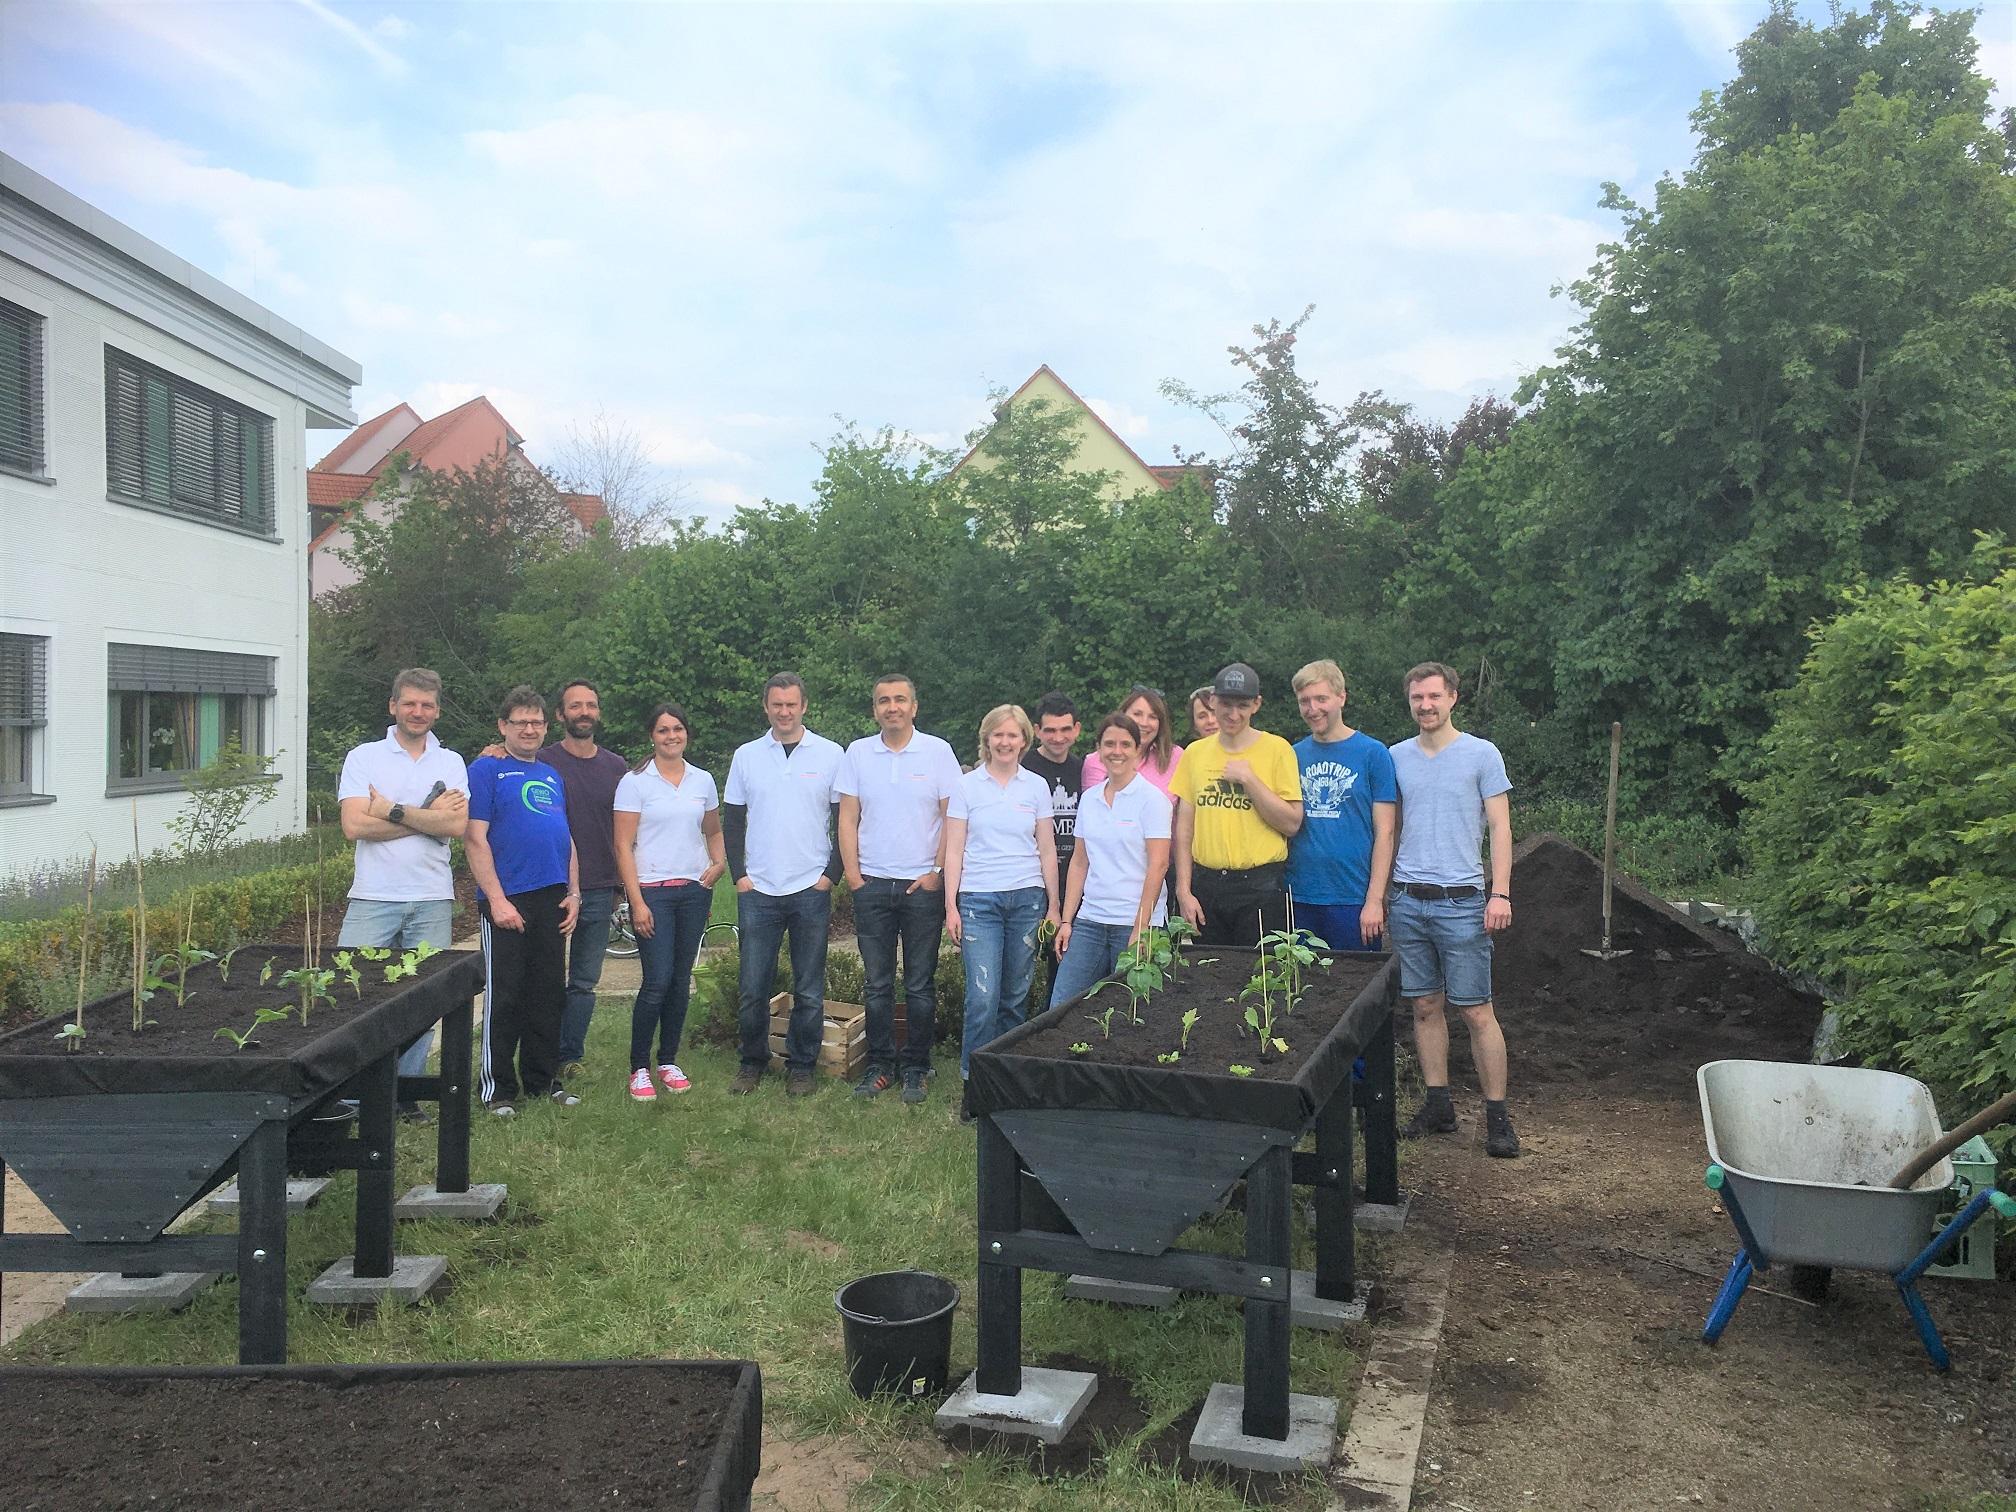 Für die Wohngemeinschaft Inklusive Wohnwelt bauten die angehenden Siemens-Projektmanager Hochbeete.